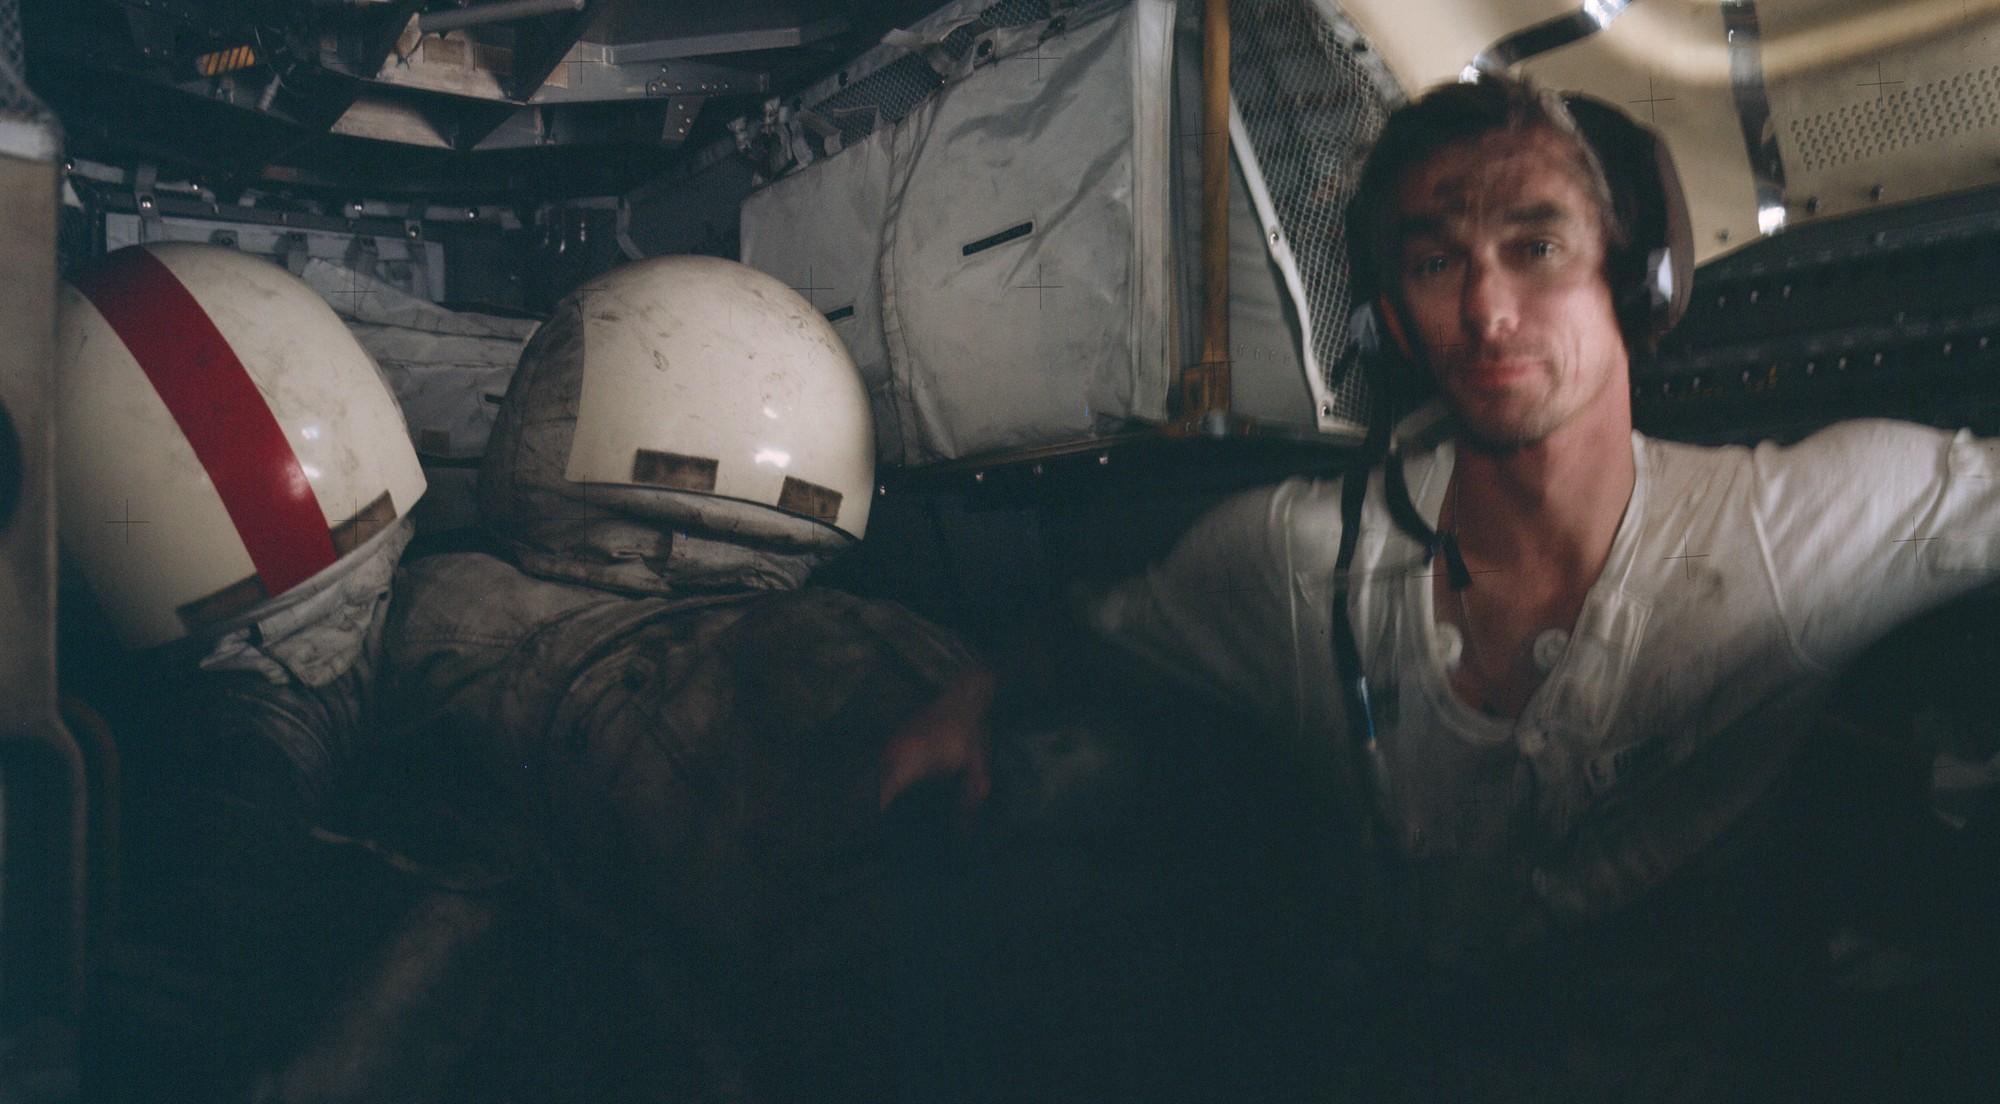 1972. Eugene Cernan az Apollo 17 űrhajósa holdkompban az űrséta után. Por van odafent....jpg